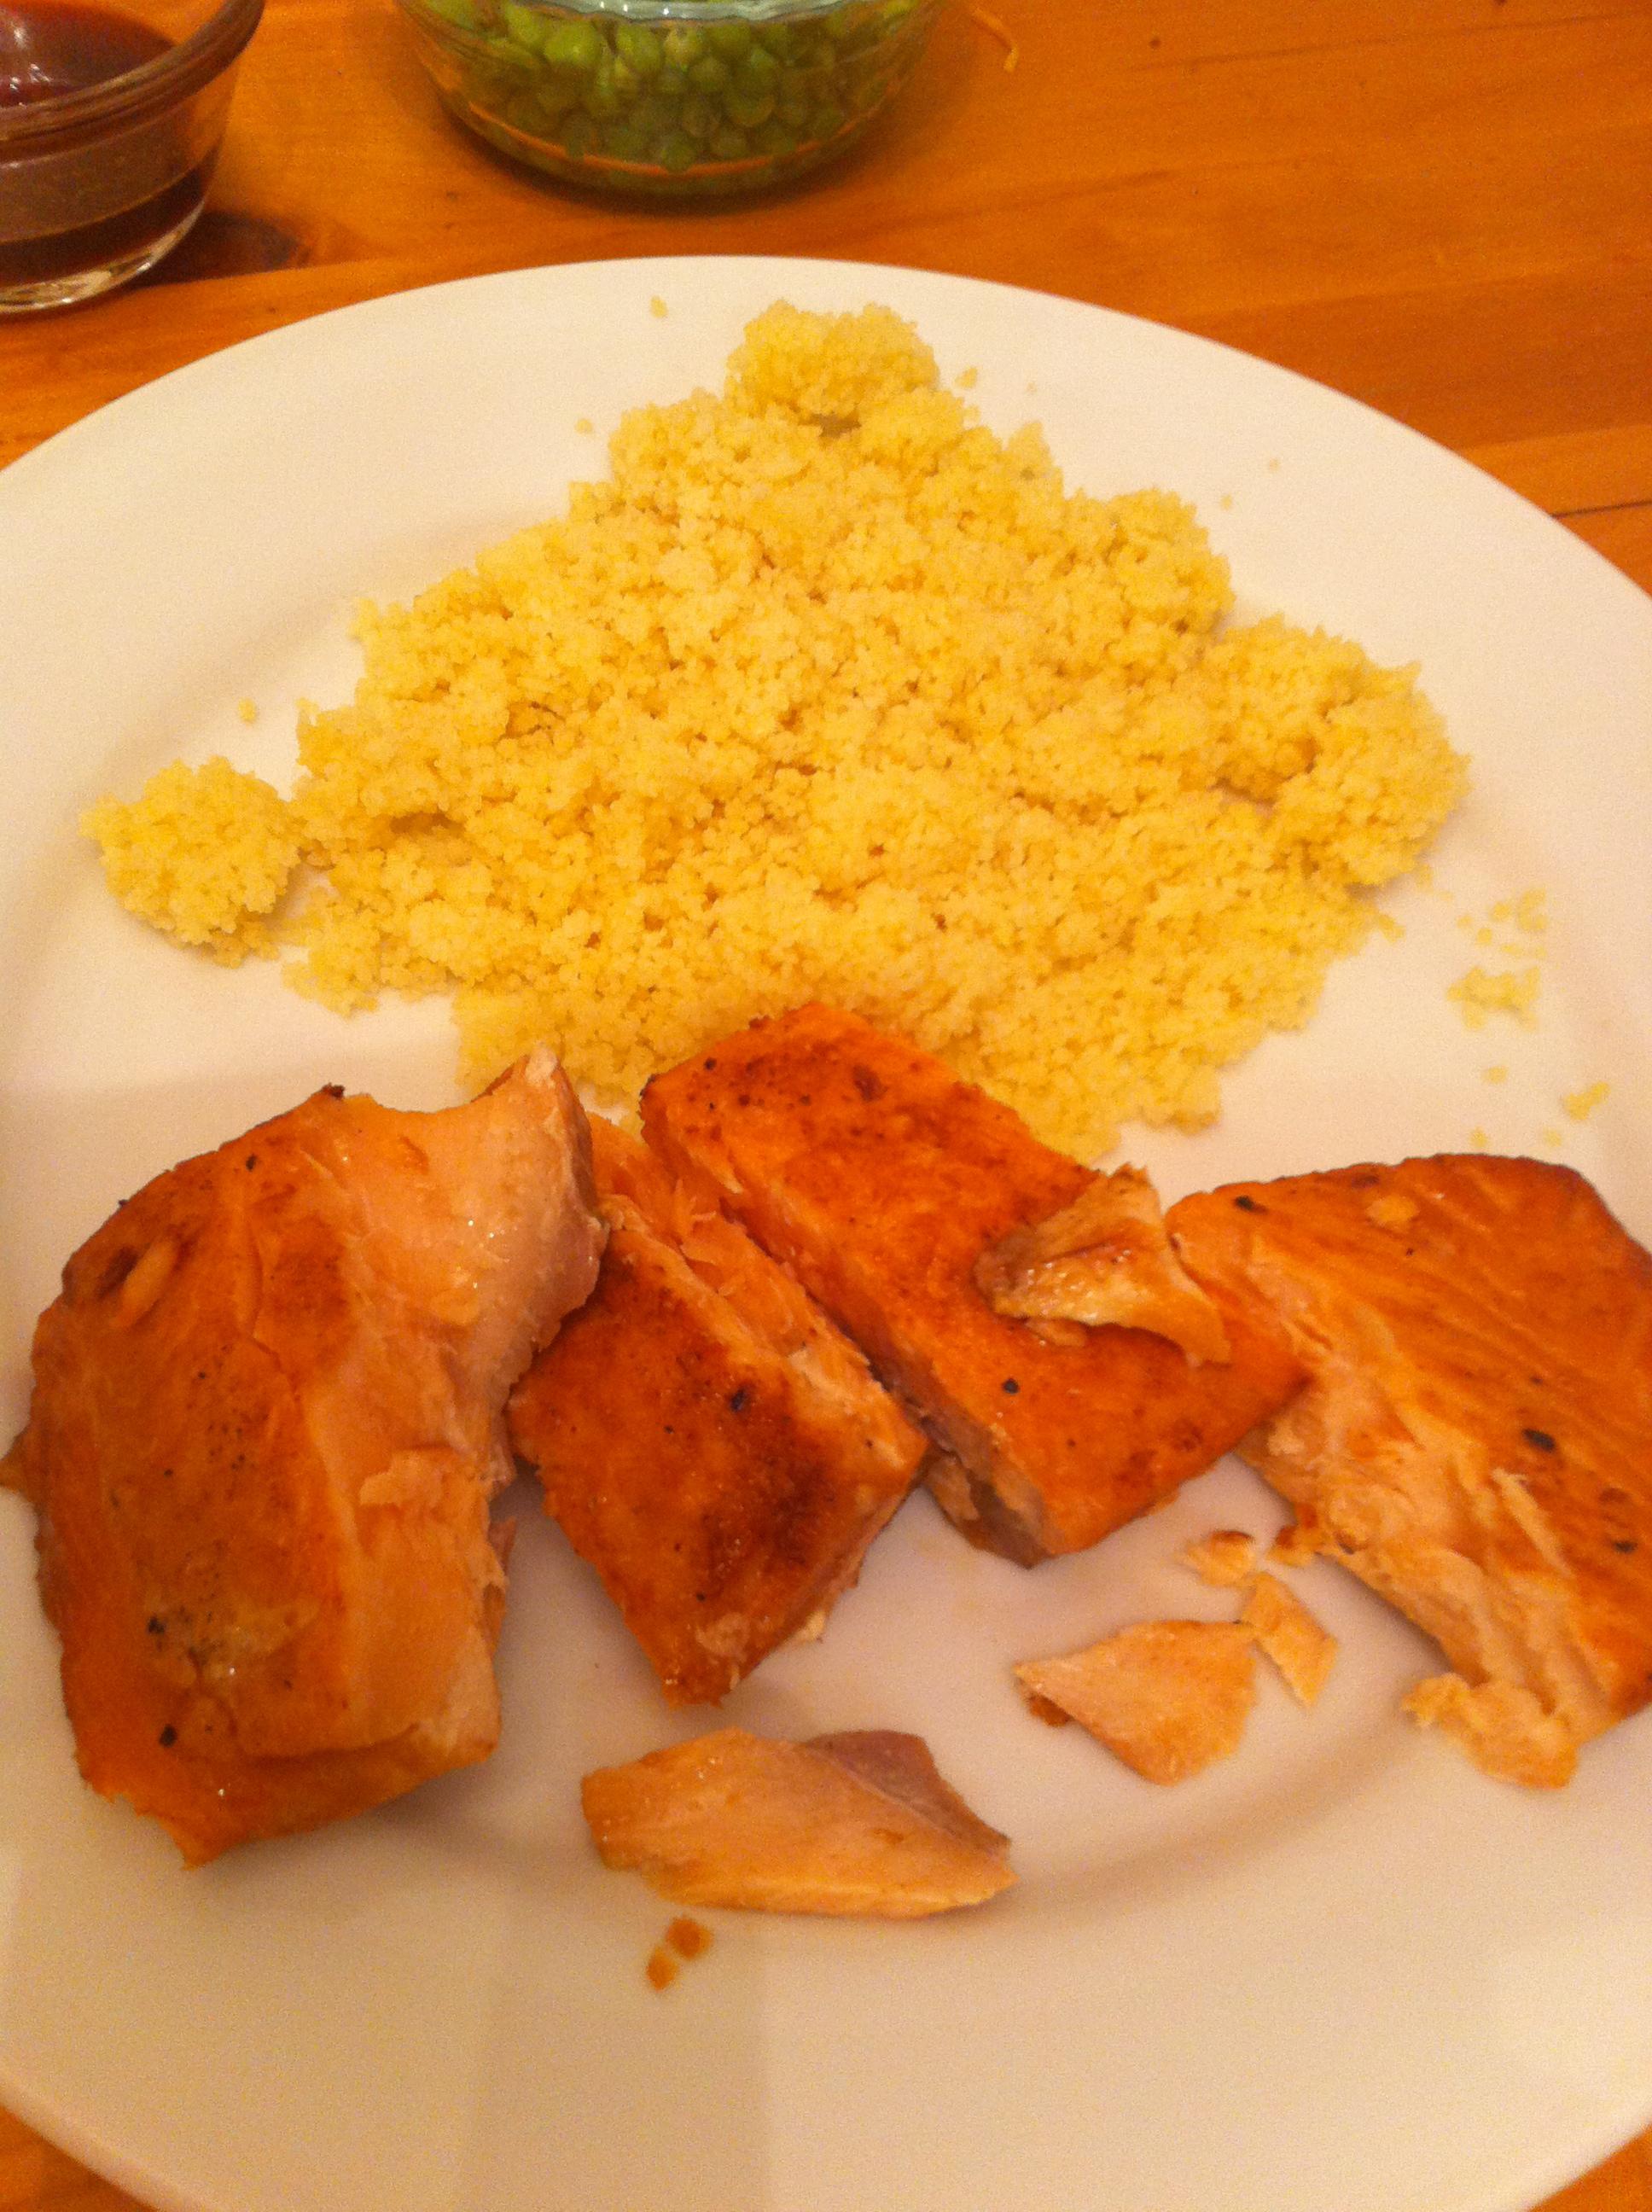 Super easy Grilled Salmon by Aurora Meyer on aurorameyer.com